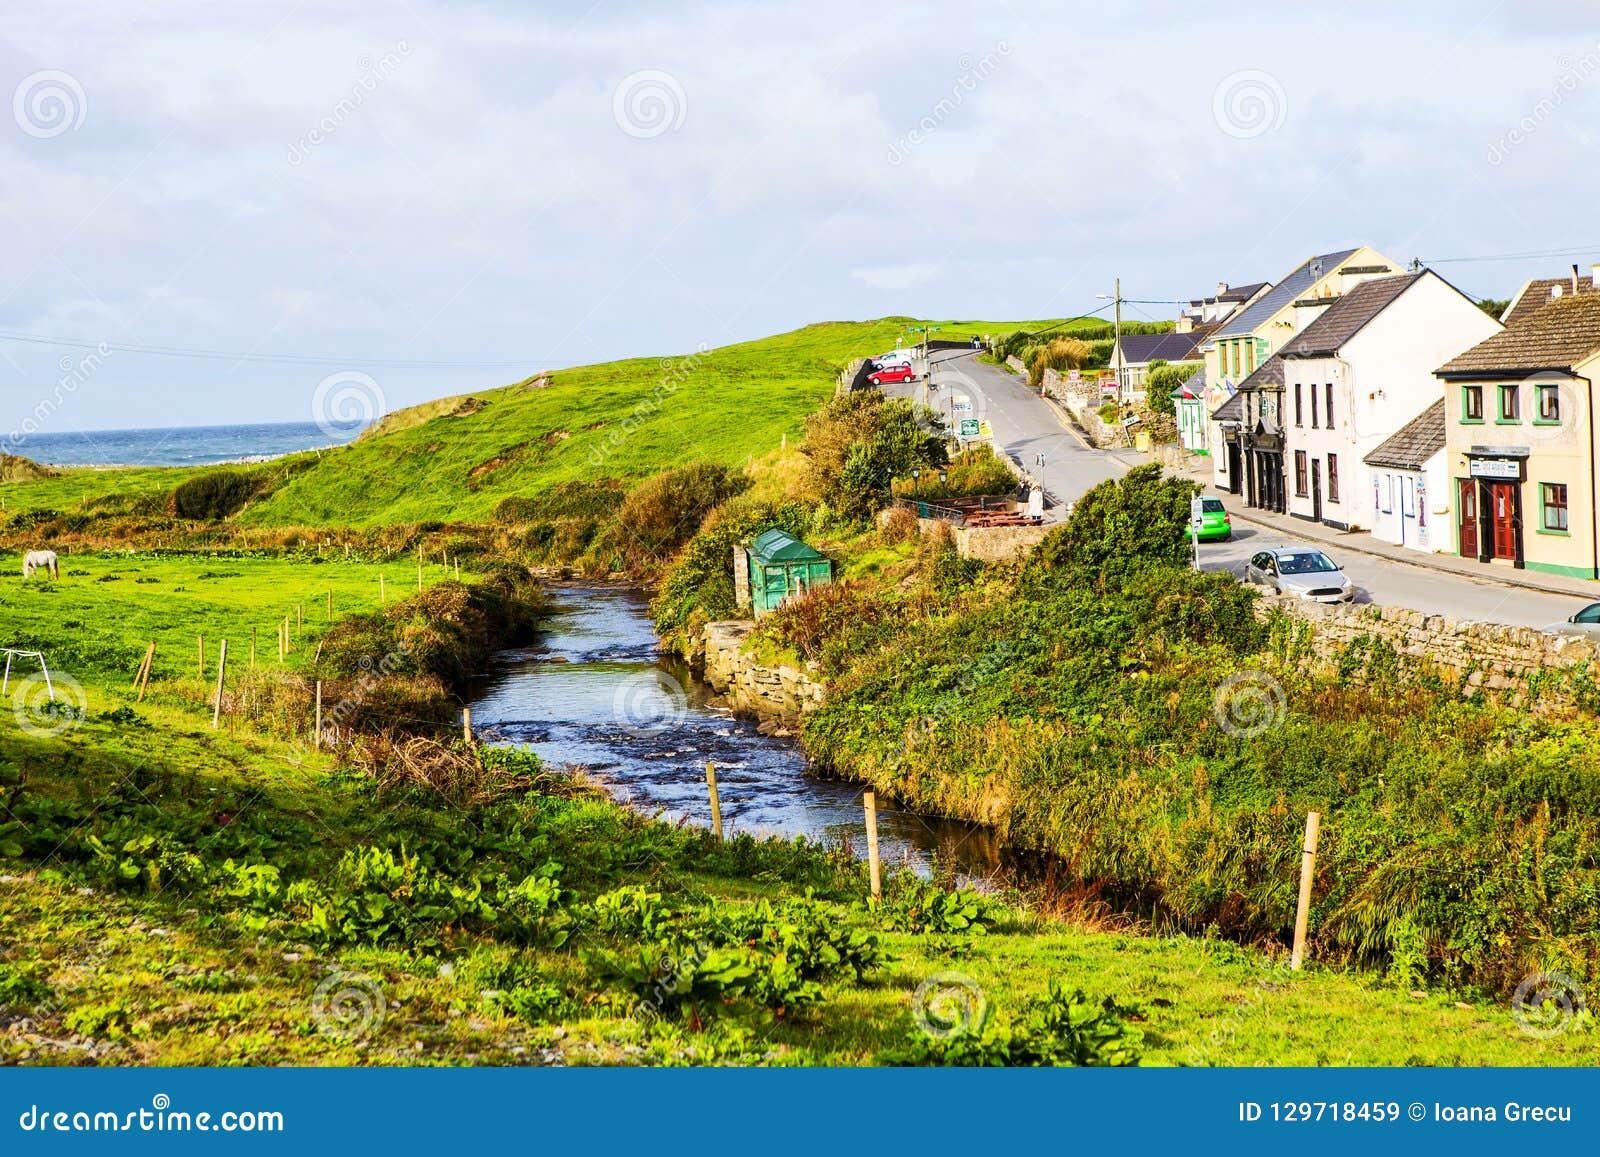 Small village of Doolin main street, Ireland